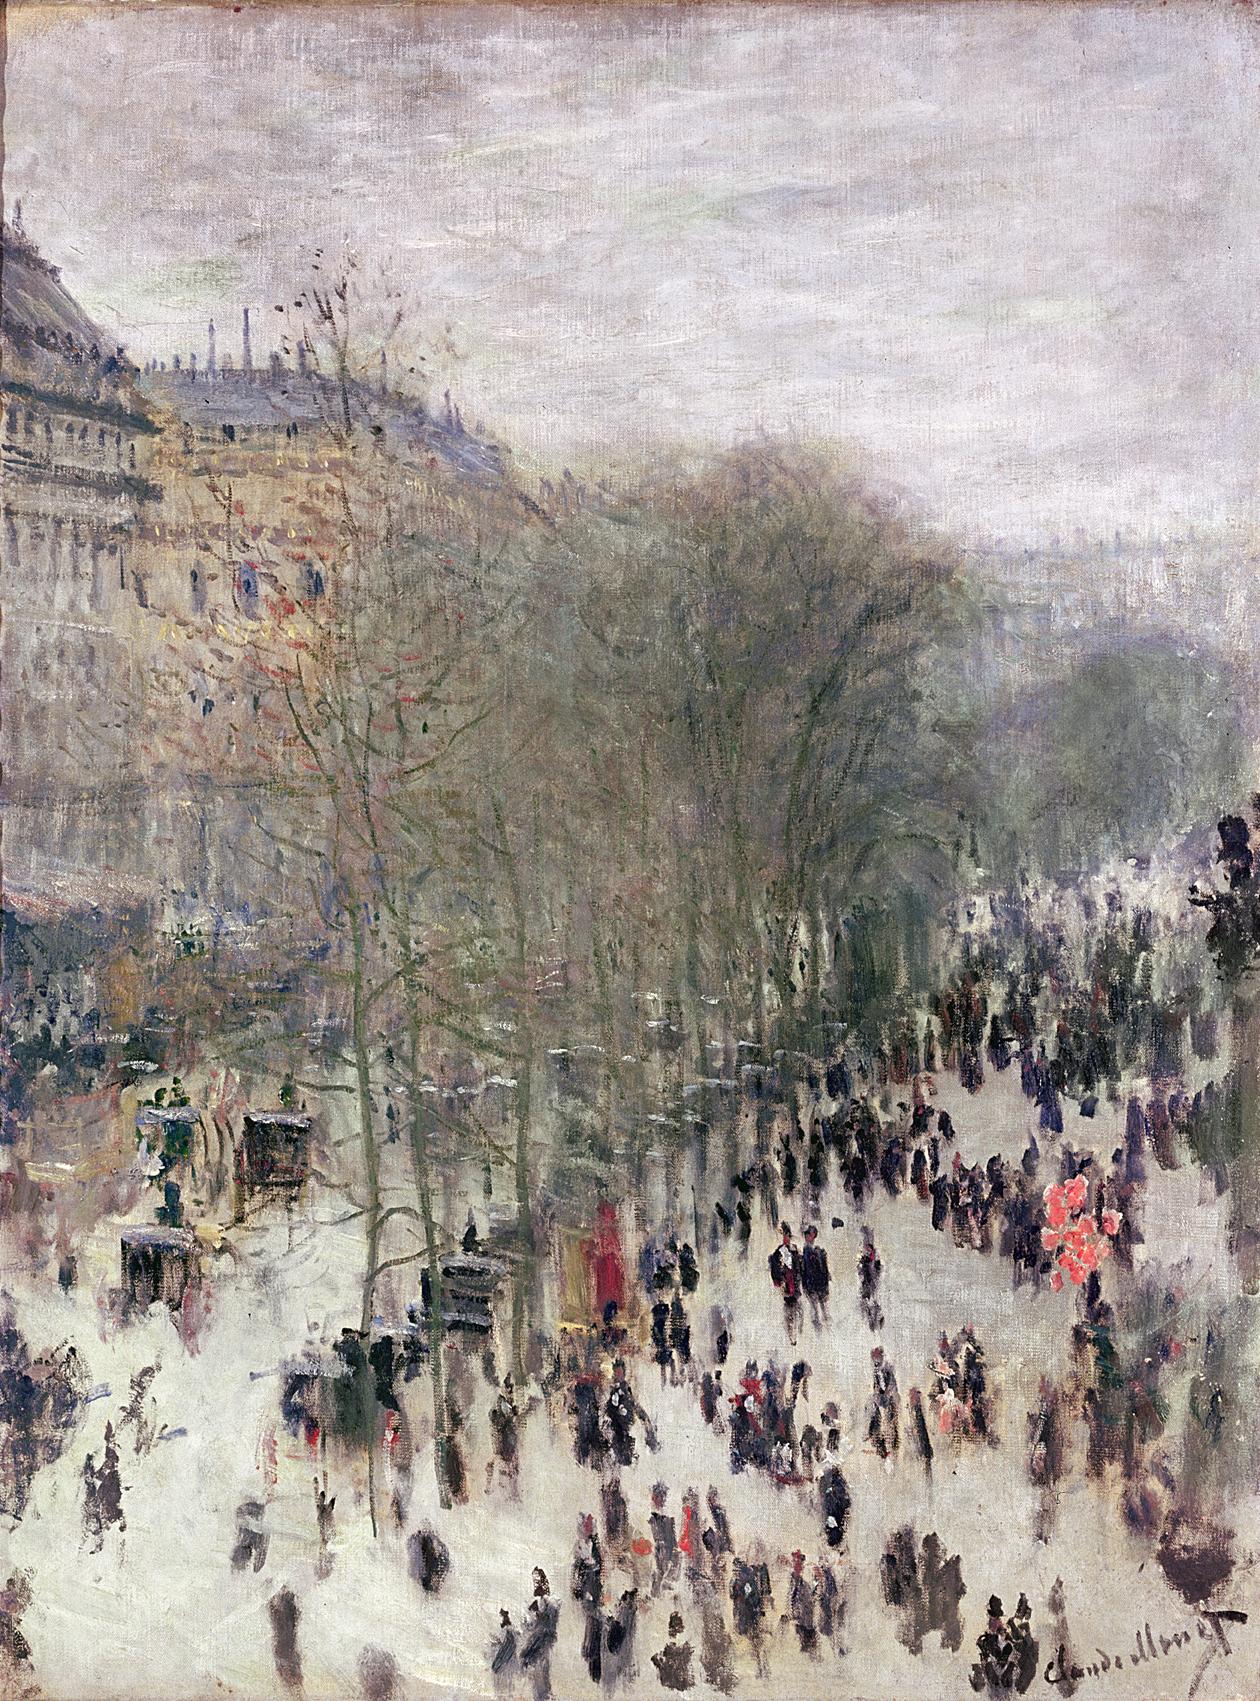 Boulevard des Capucines, by Claude Monet, c. 1873. Nelson-Atkins Museum of Art, Kansas City, Missouri.